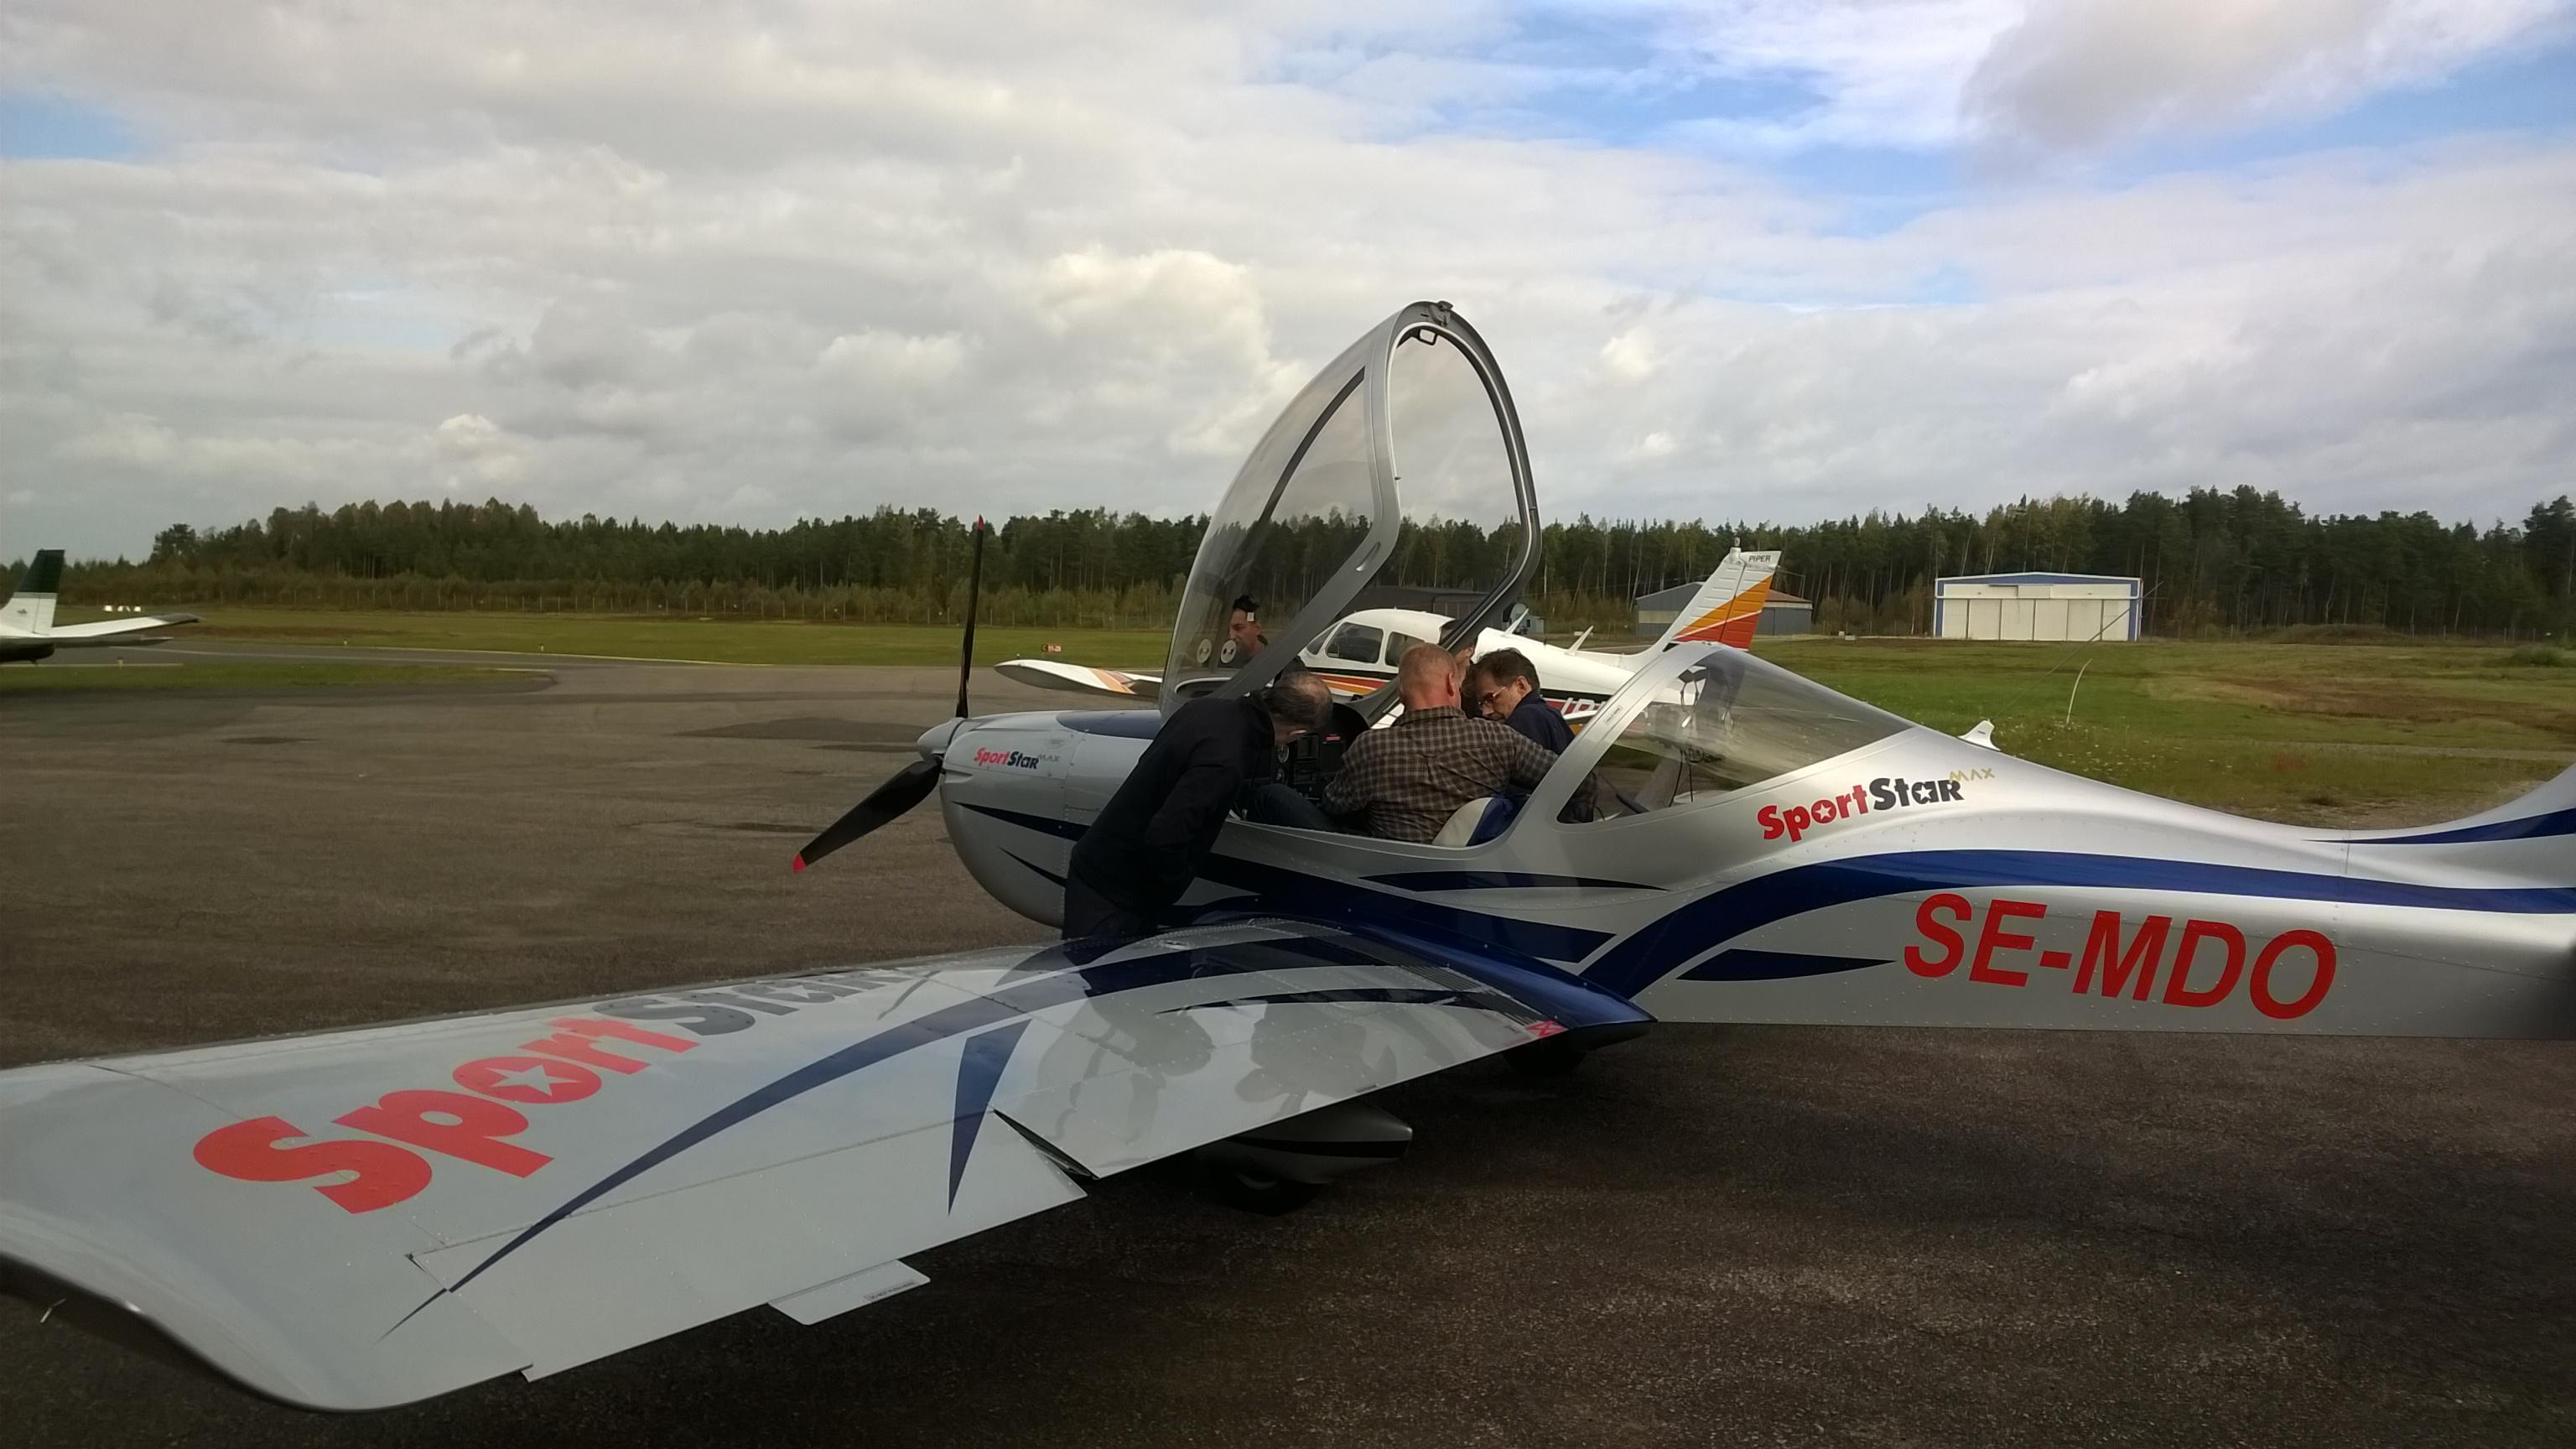 <!--:sv-->Flygplansköp?<!--:-->